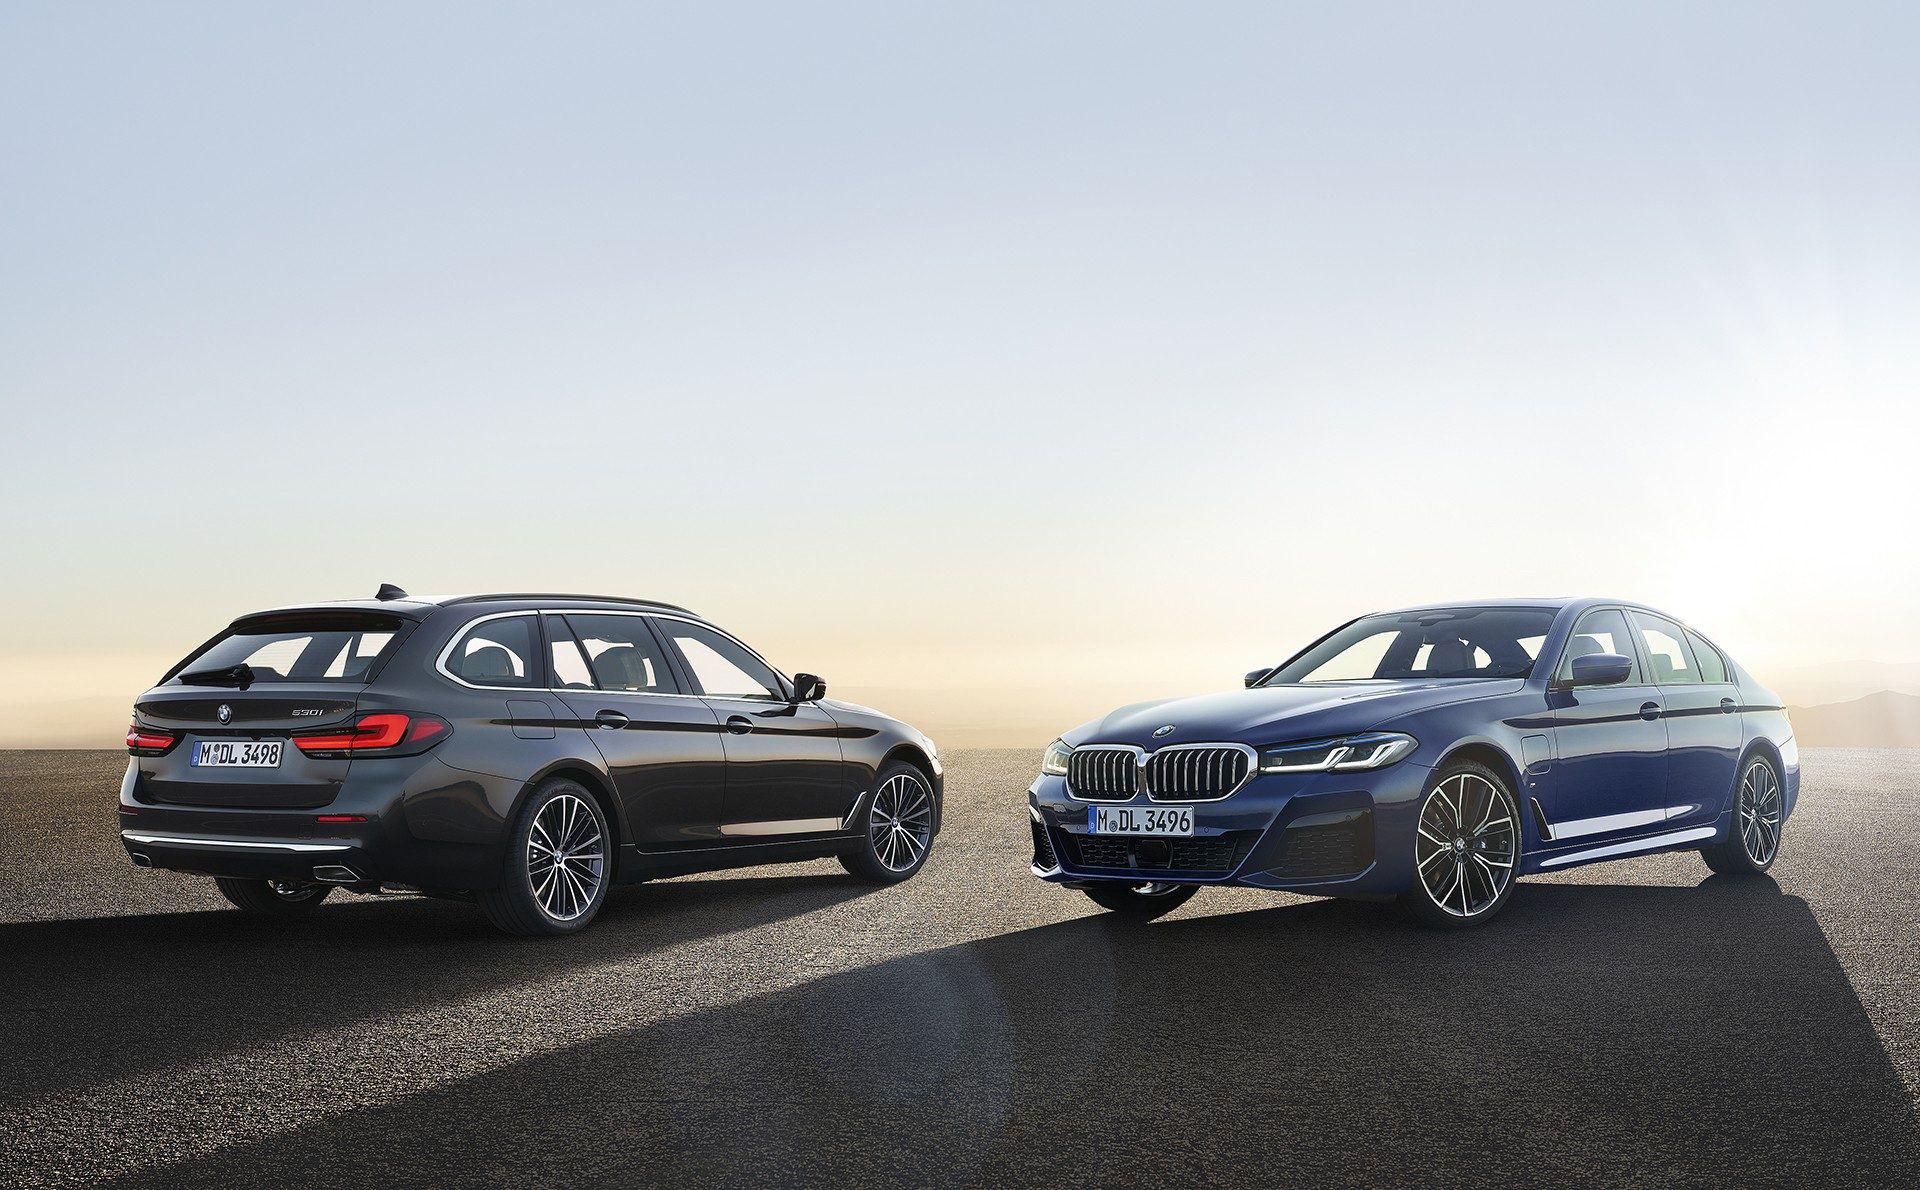 BMW:s uppdaterade 5- och 6-serie är här